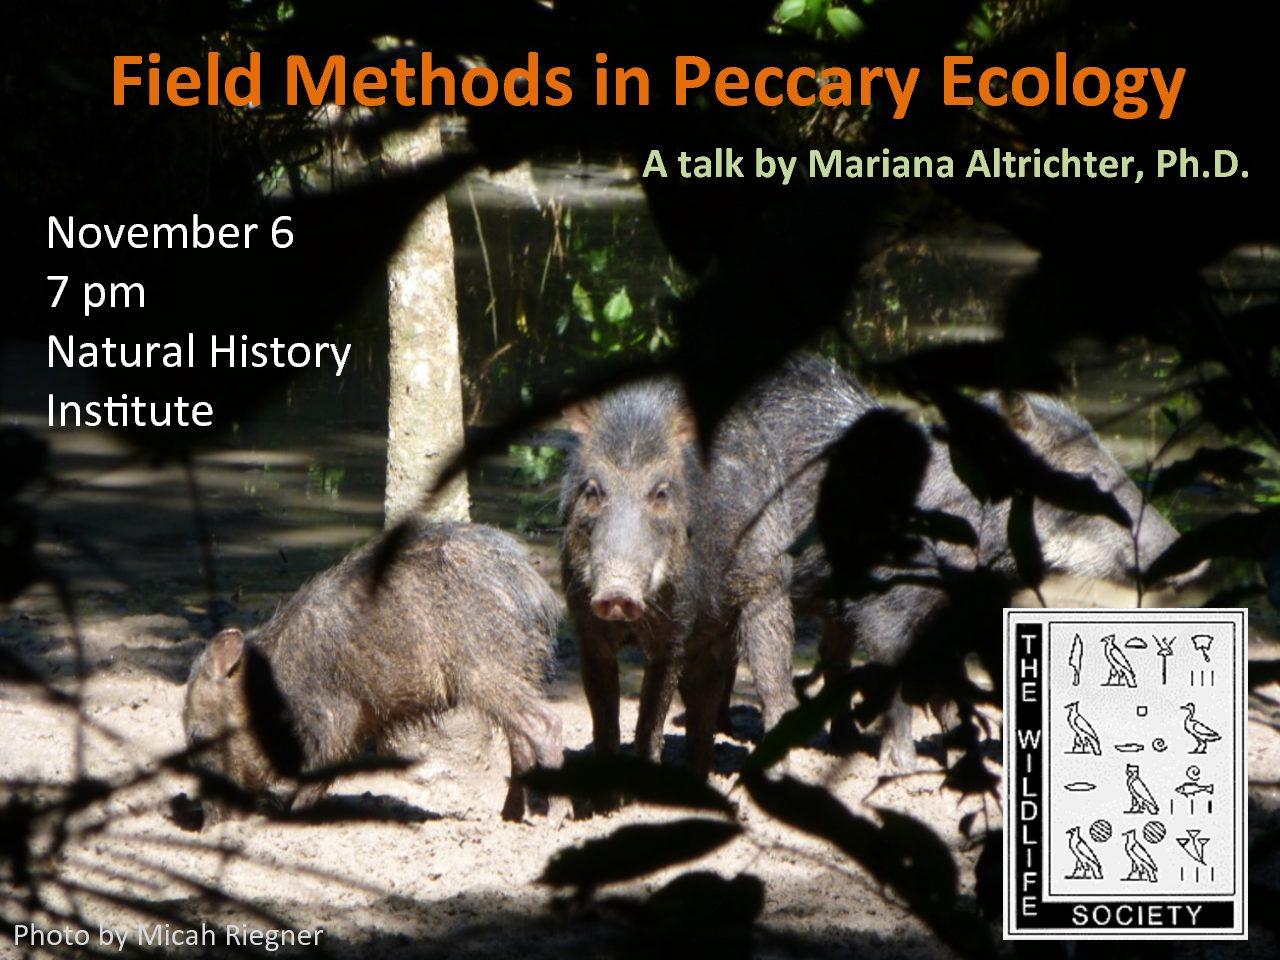 Peccary Ecology